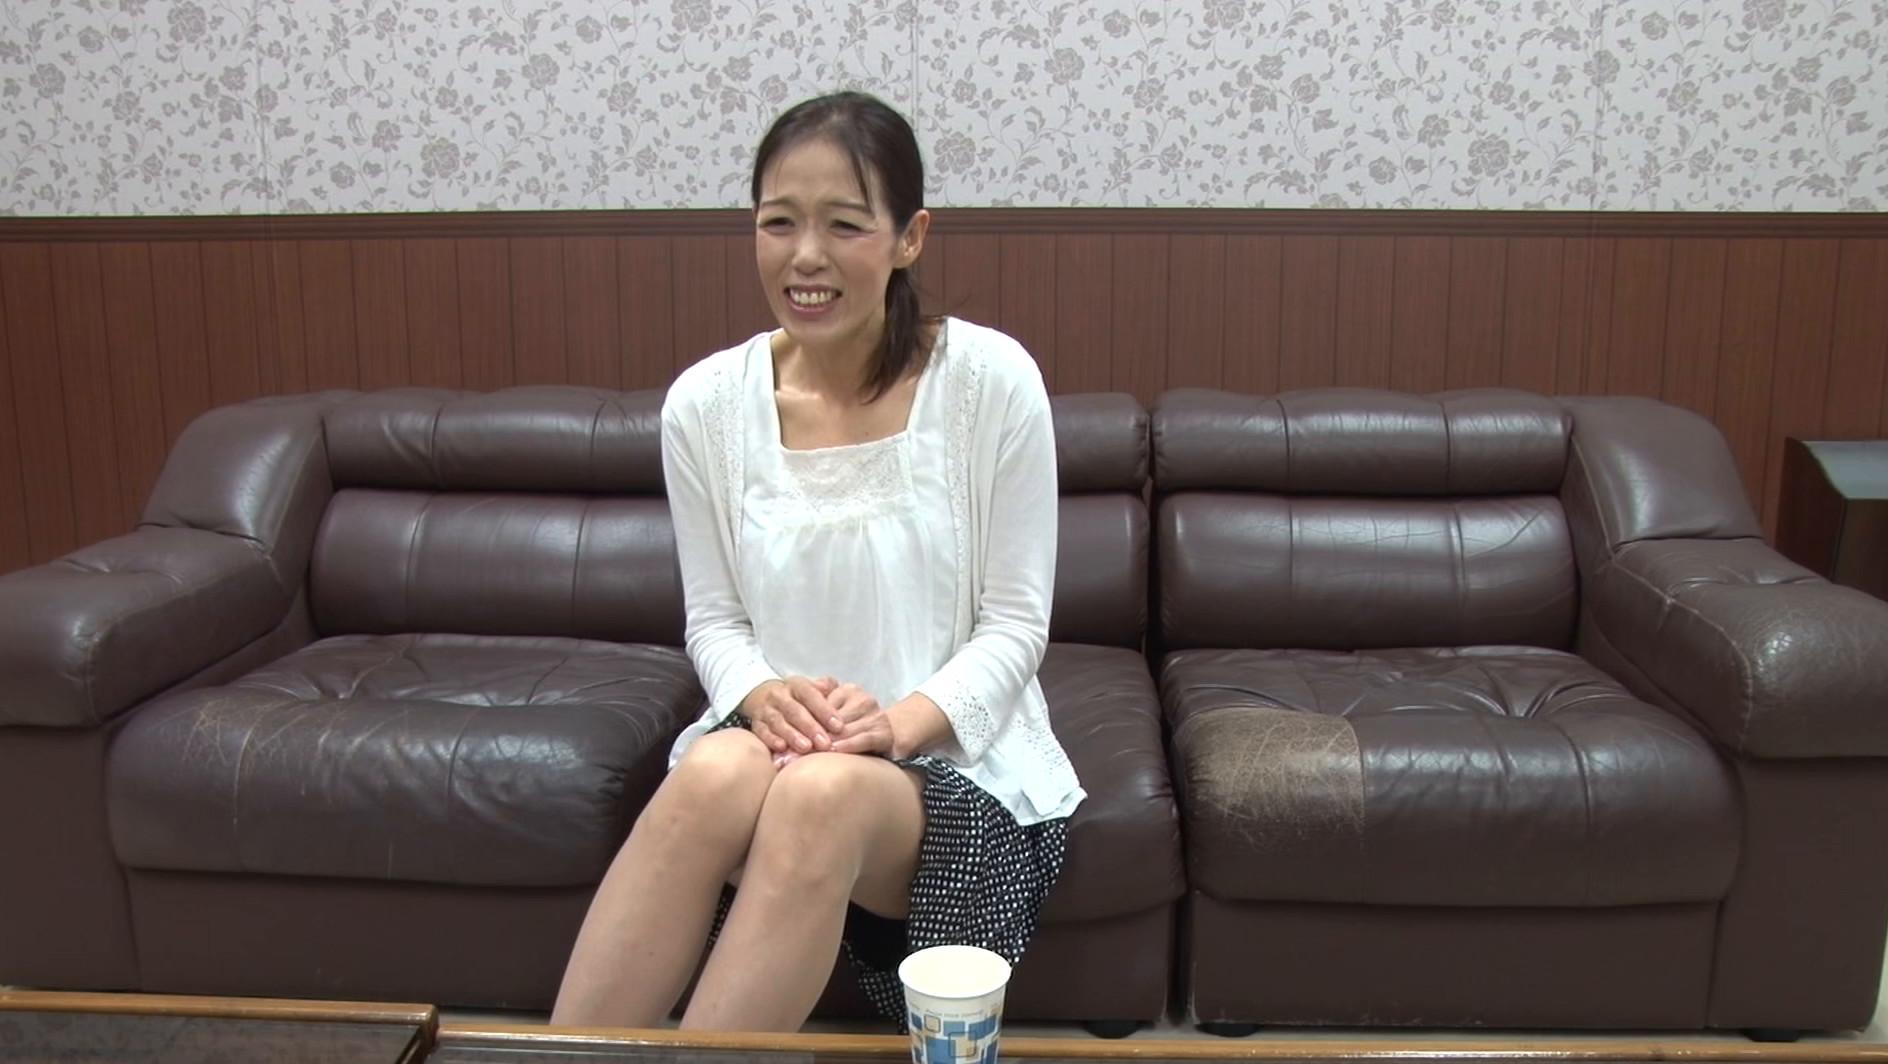 【五十路】応募素人妻 百合子さん 53歳 画像1